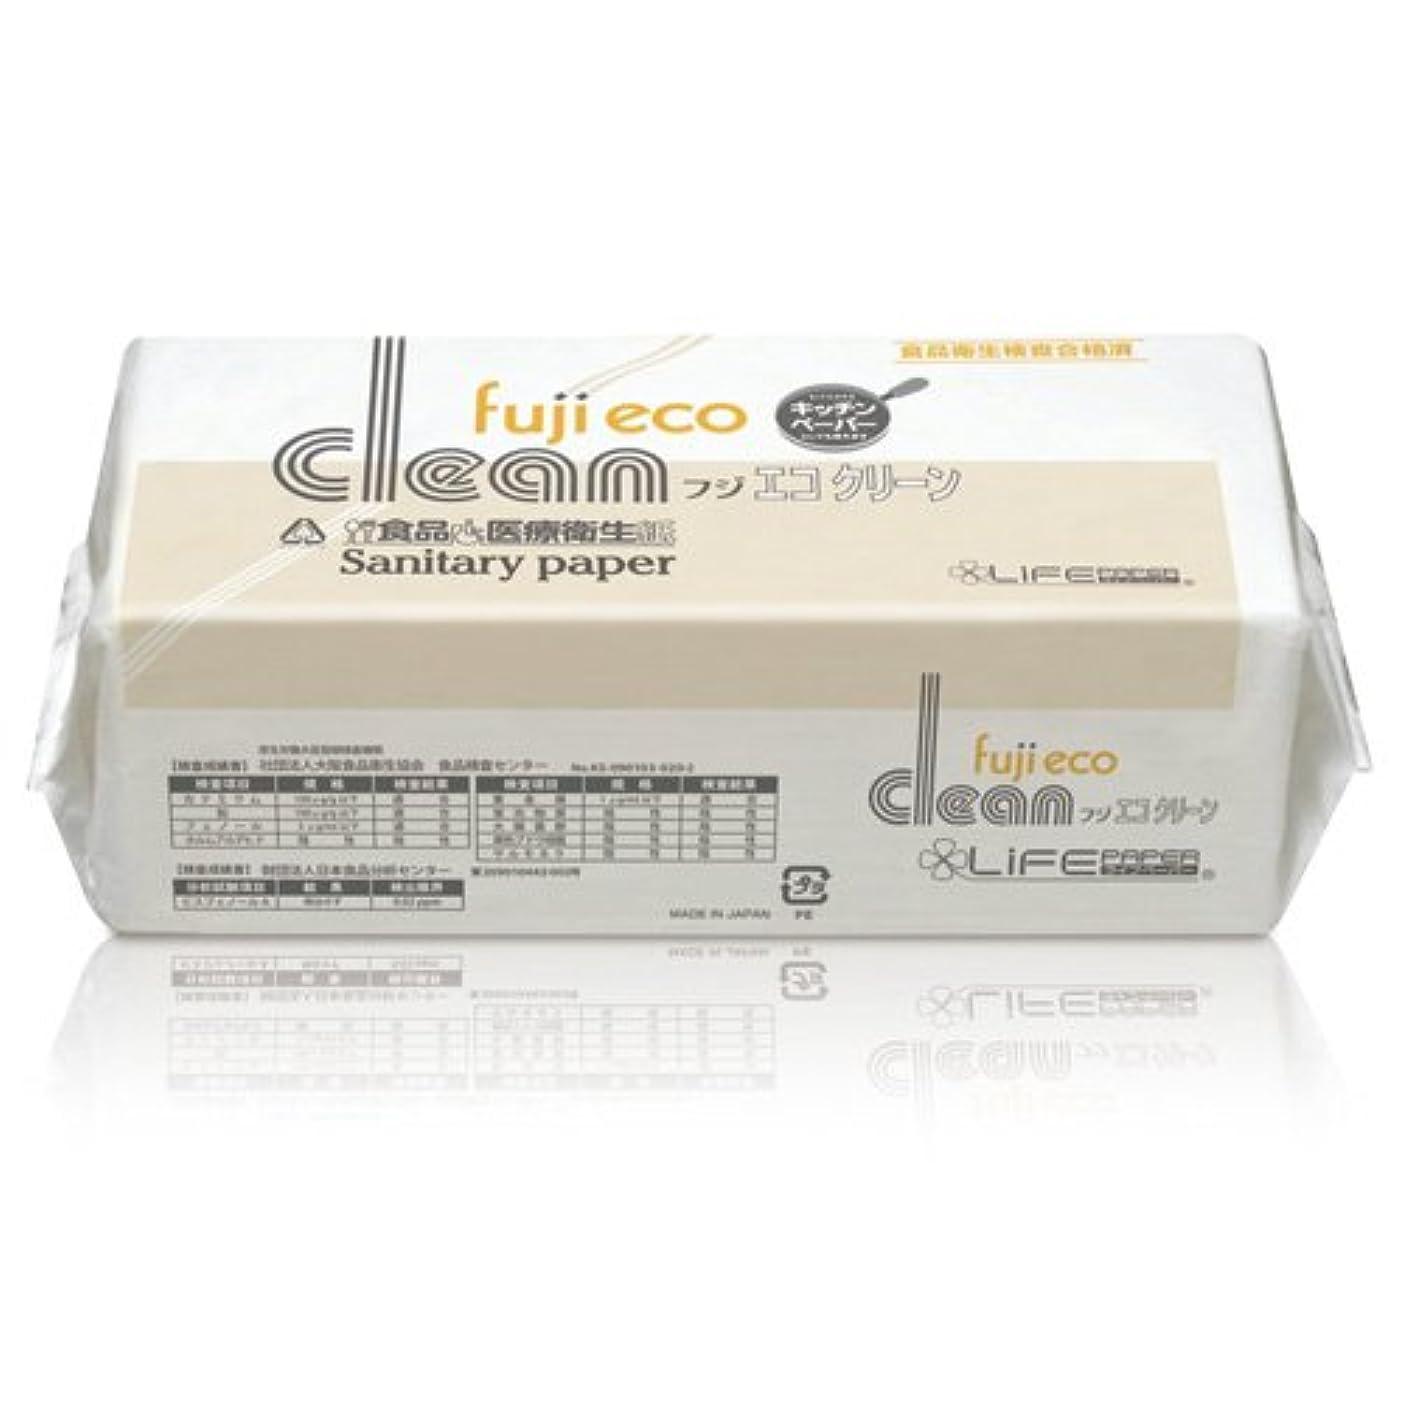 アイロニー破壊的な西大富士製紙 ペーパータオル/タオルペーパー フジエコクリーン 業務用  ( 200枚入1袋×40袋 1ケース)